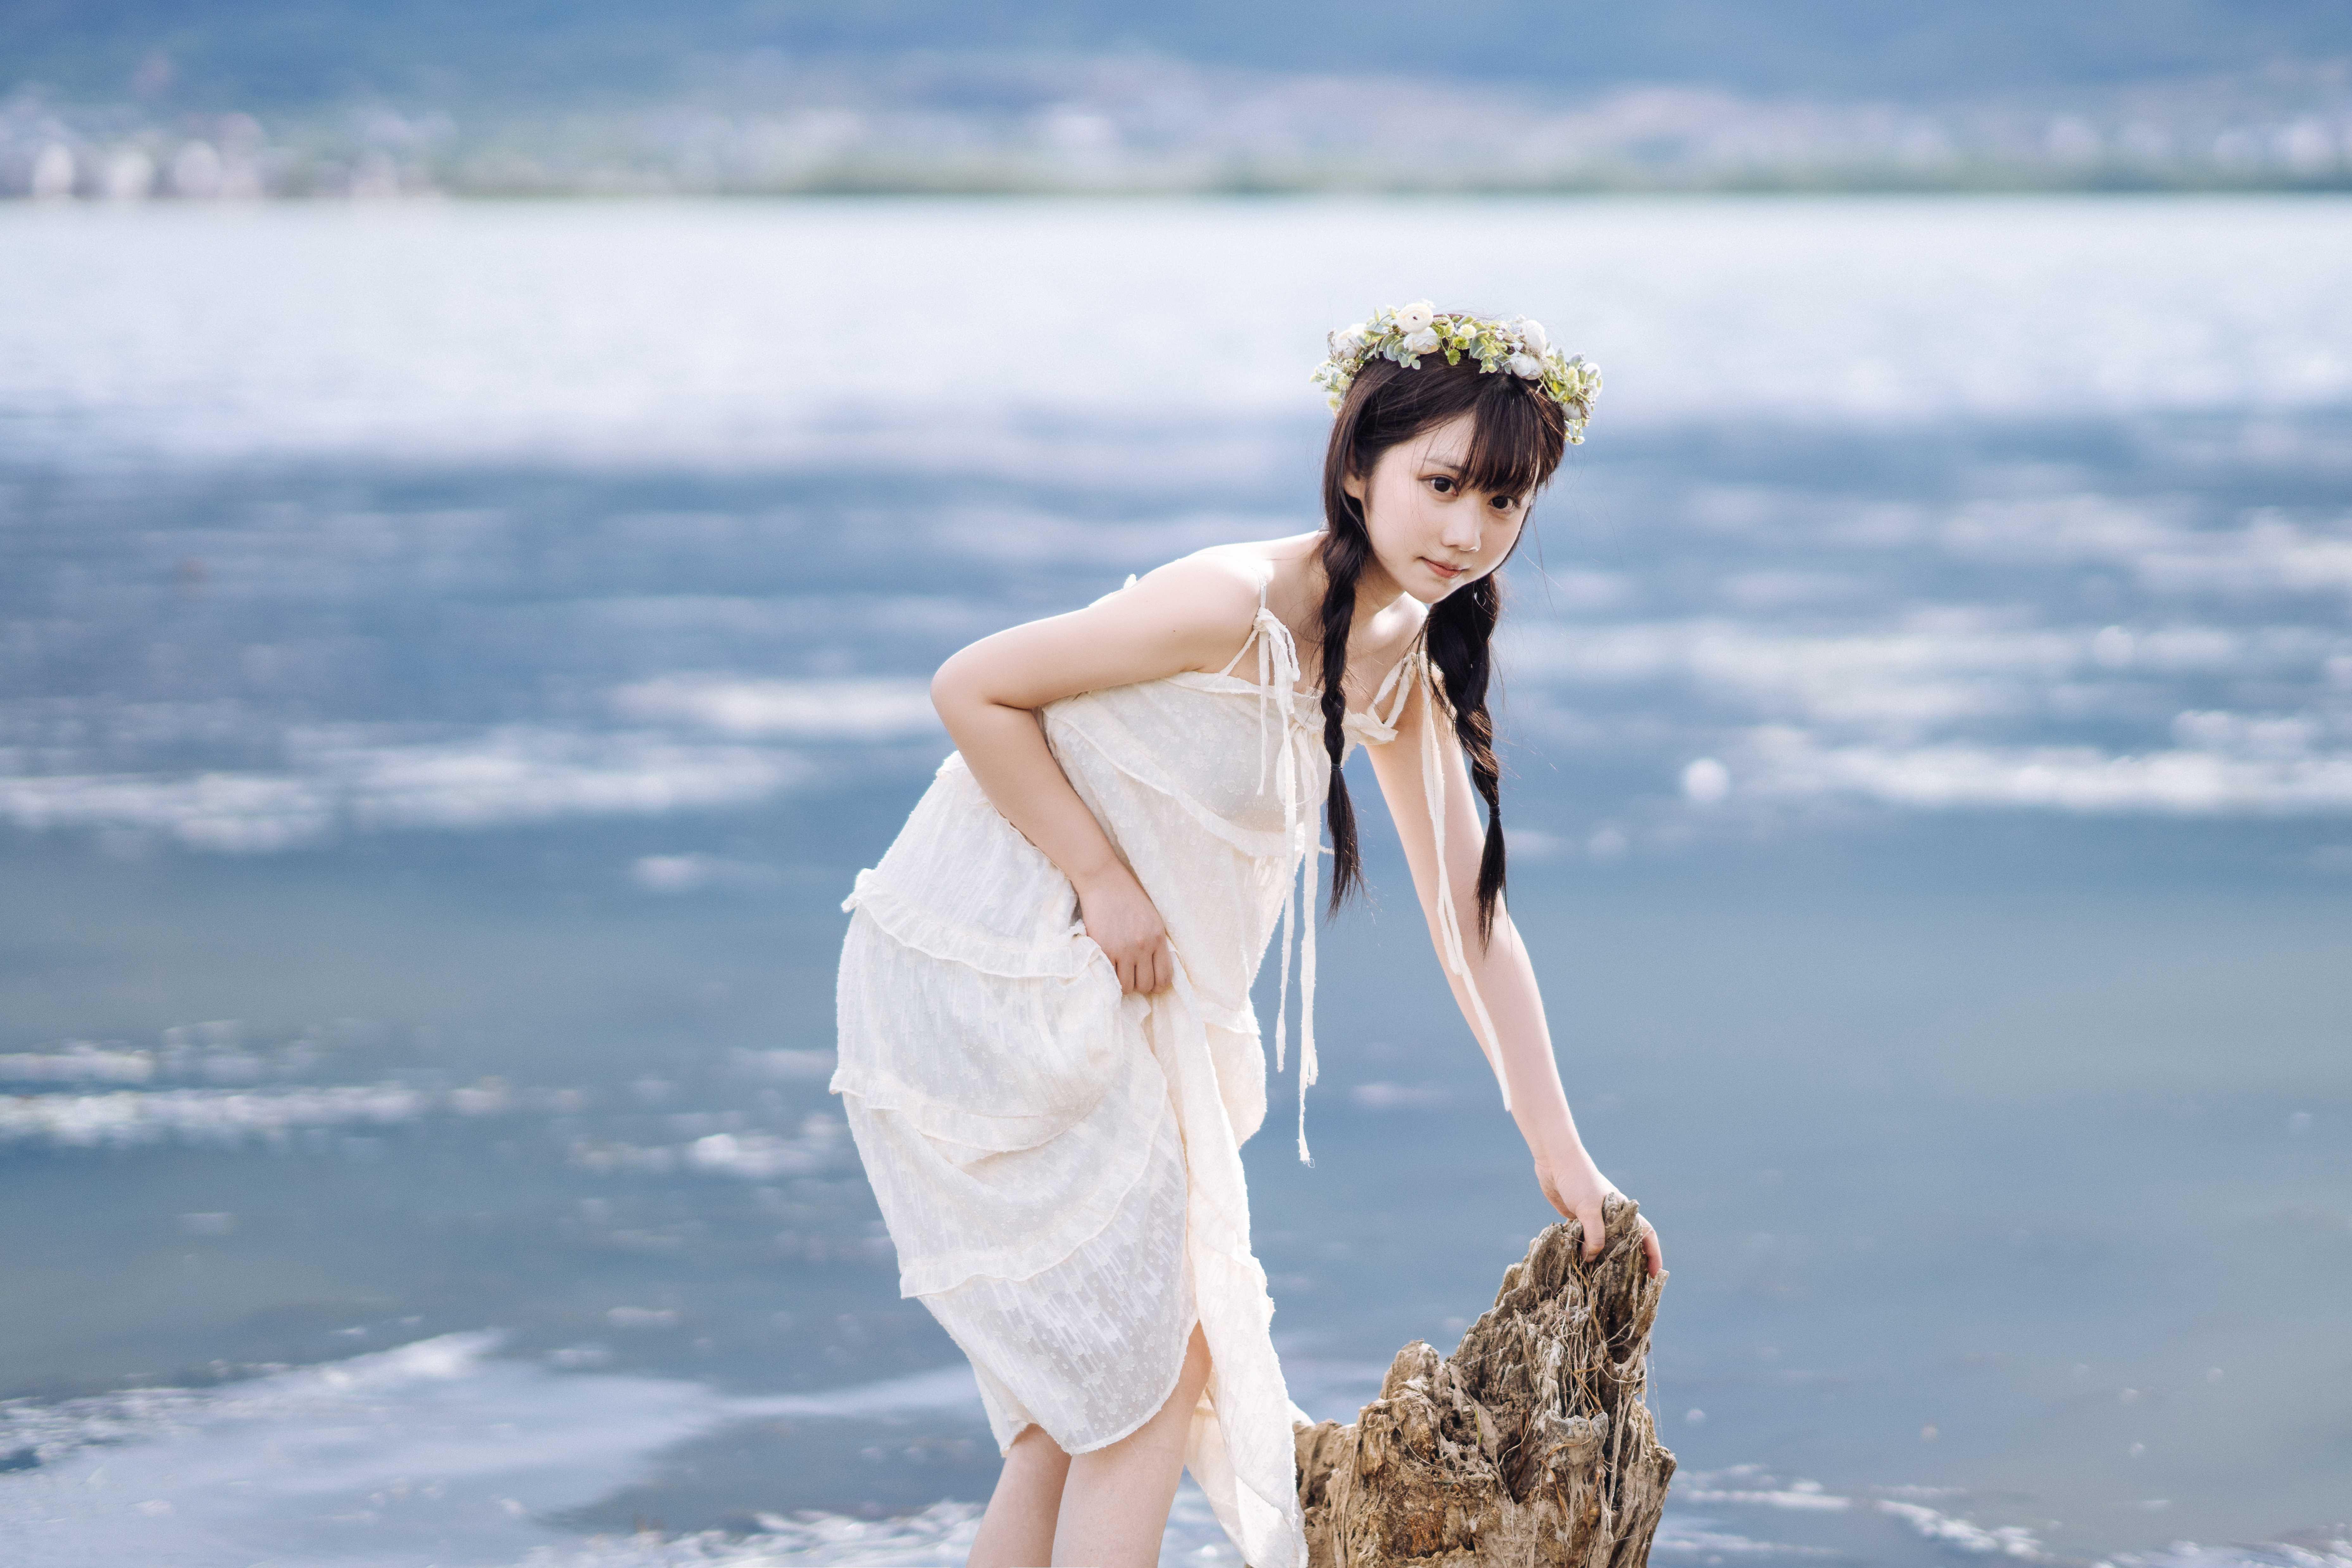 镜酱_静夏写真,有你的风景才美丽